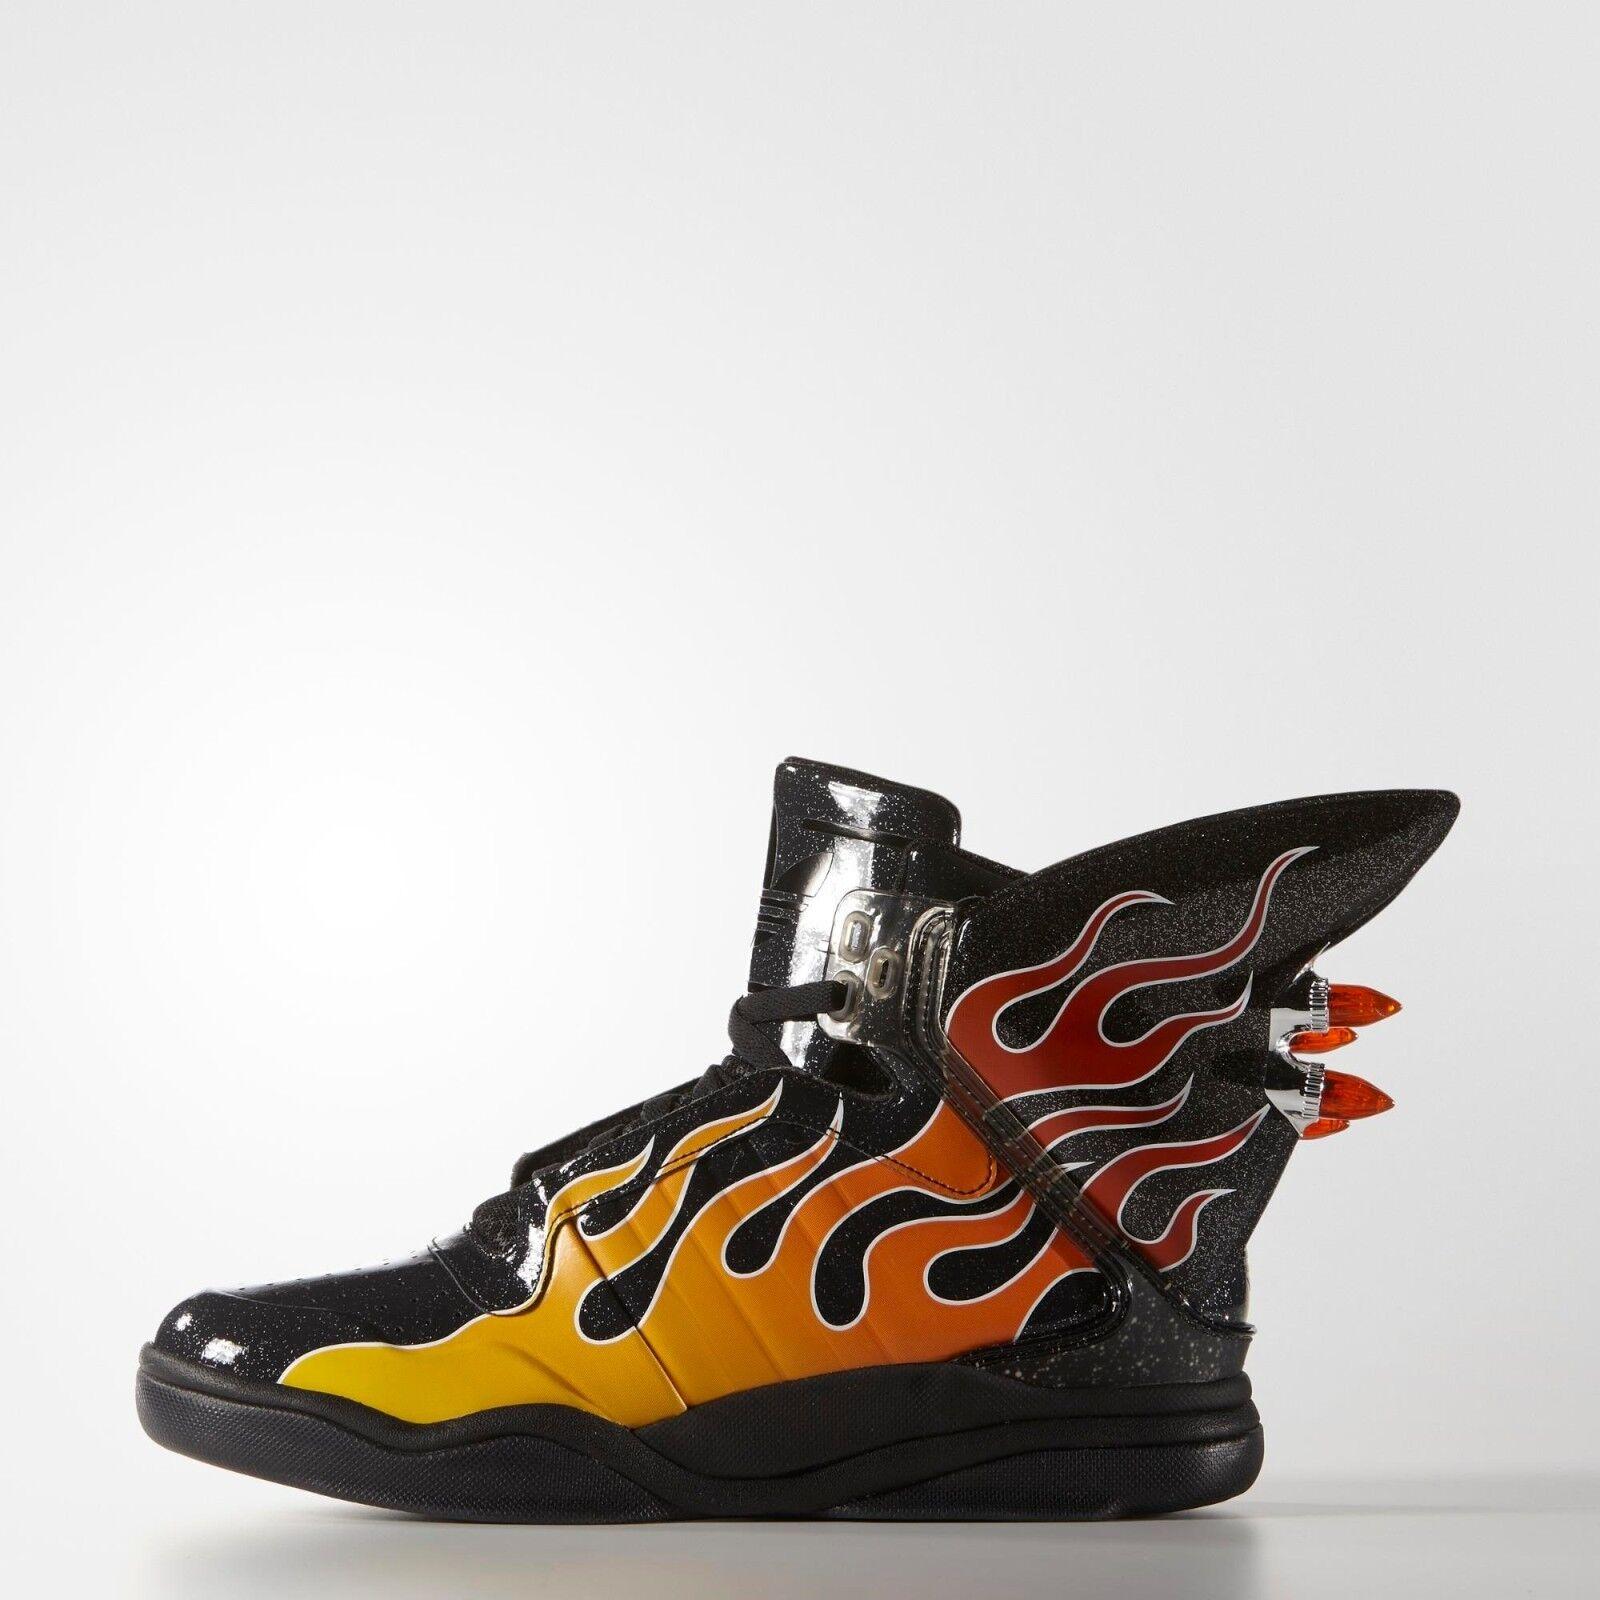 Adidas Originals Jeremy Scott Negro Alas b26270 Shark Flame Zapatos  b26270 Alas Nuevo 12172b